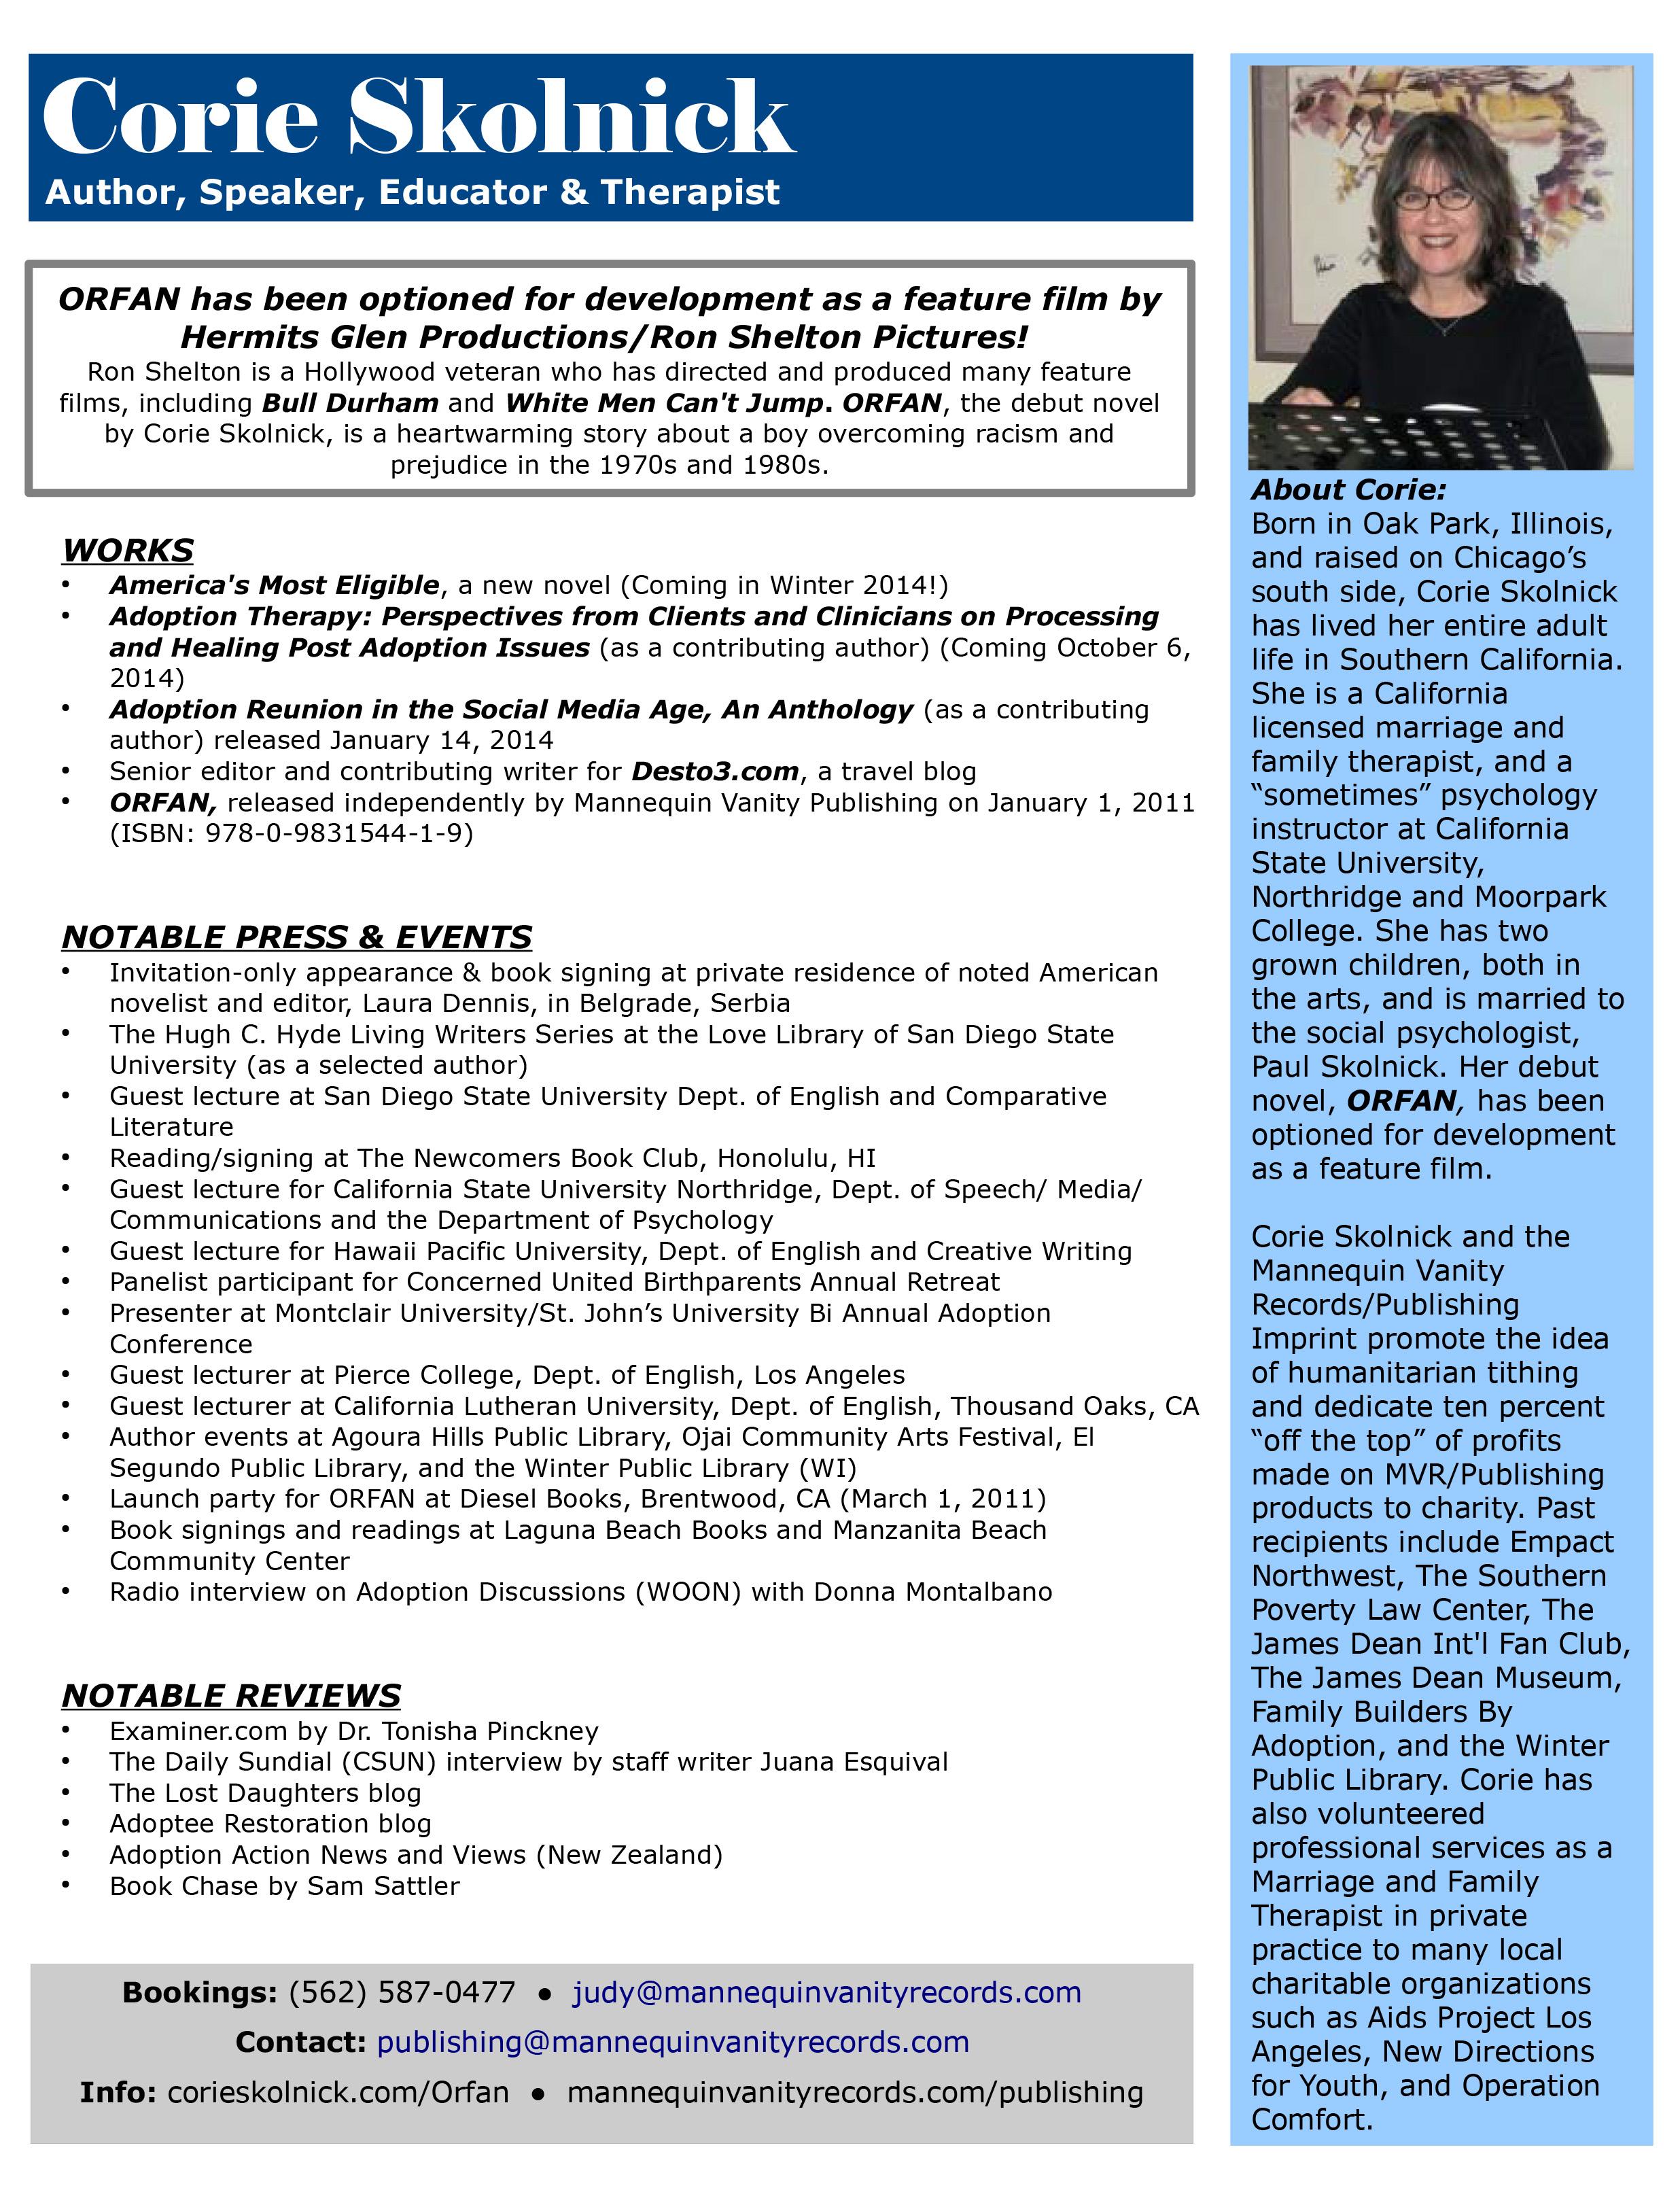 Corie Skolnick EPK One sheet (2) copy.pdf